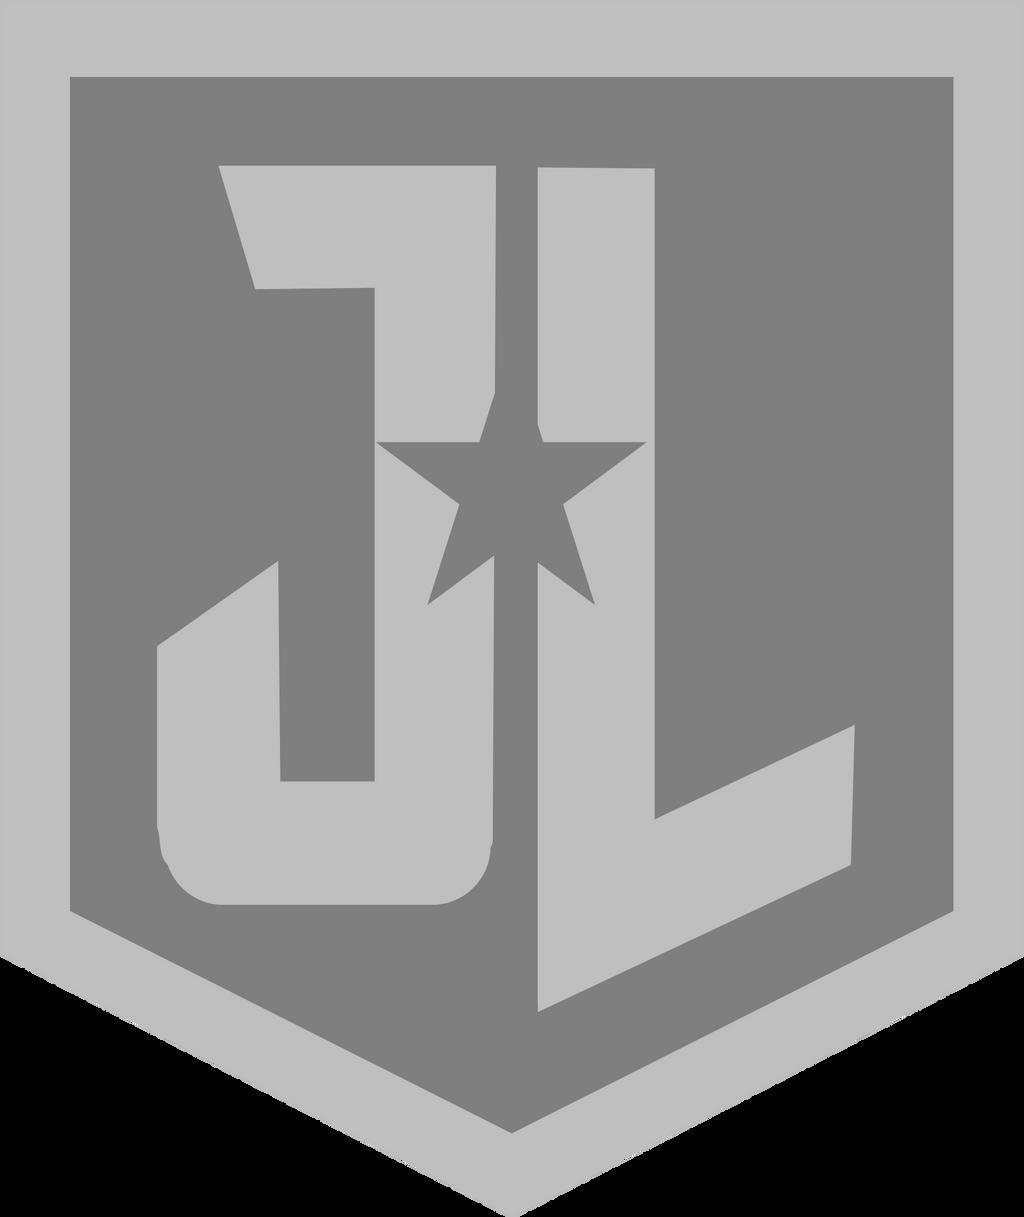 Justice League (2017) by JMK-Prime